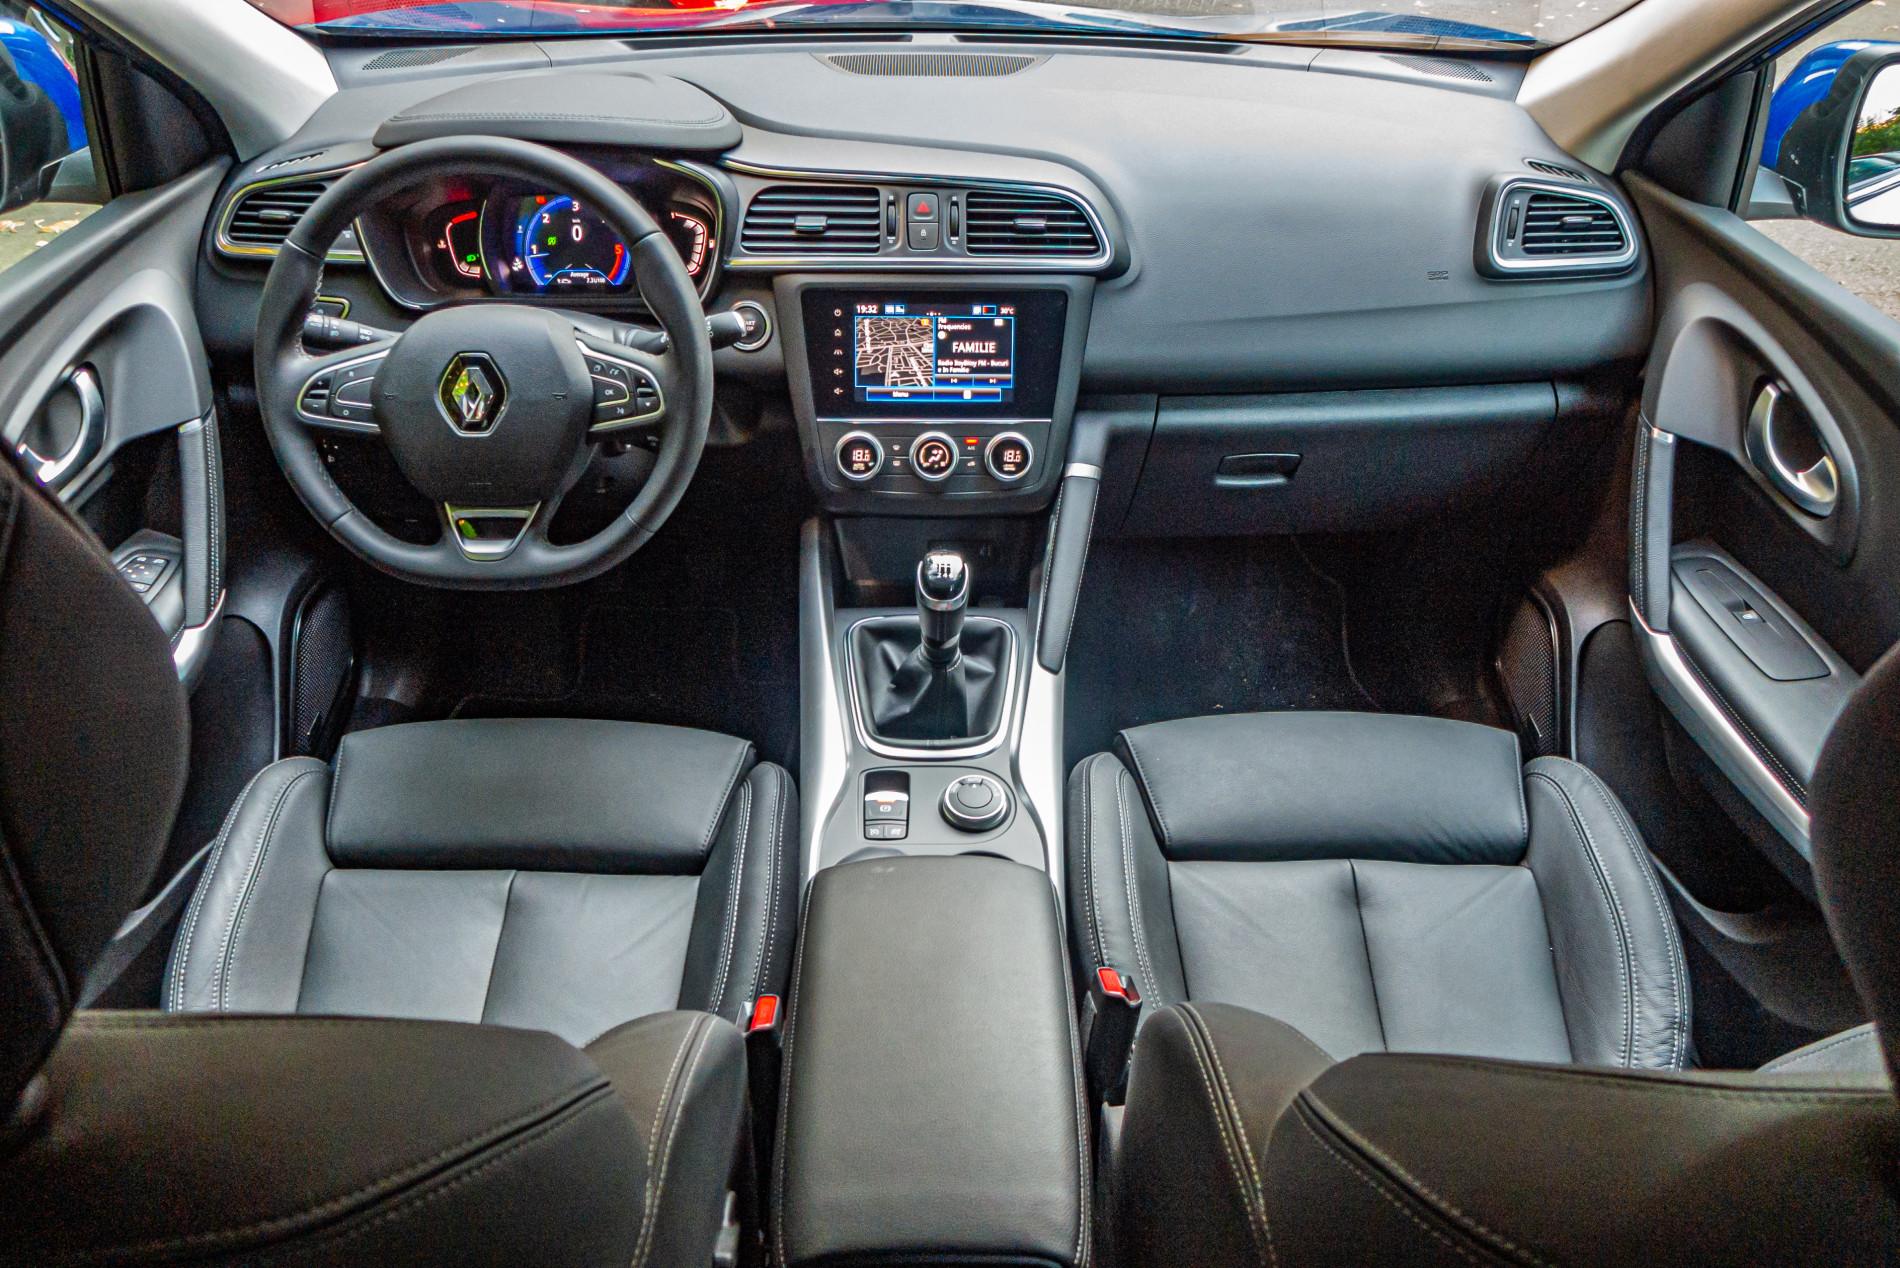 Renault Kadjar 2019 - Renault Kadjar 2019